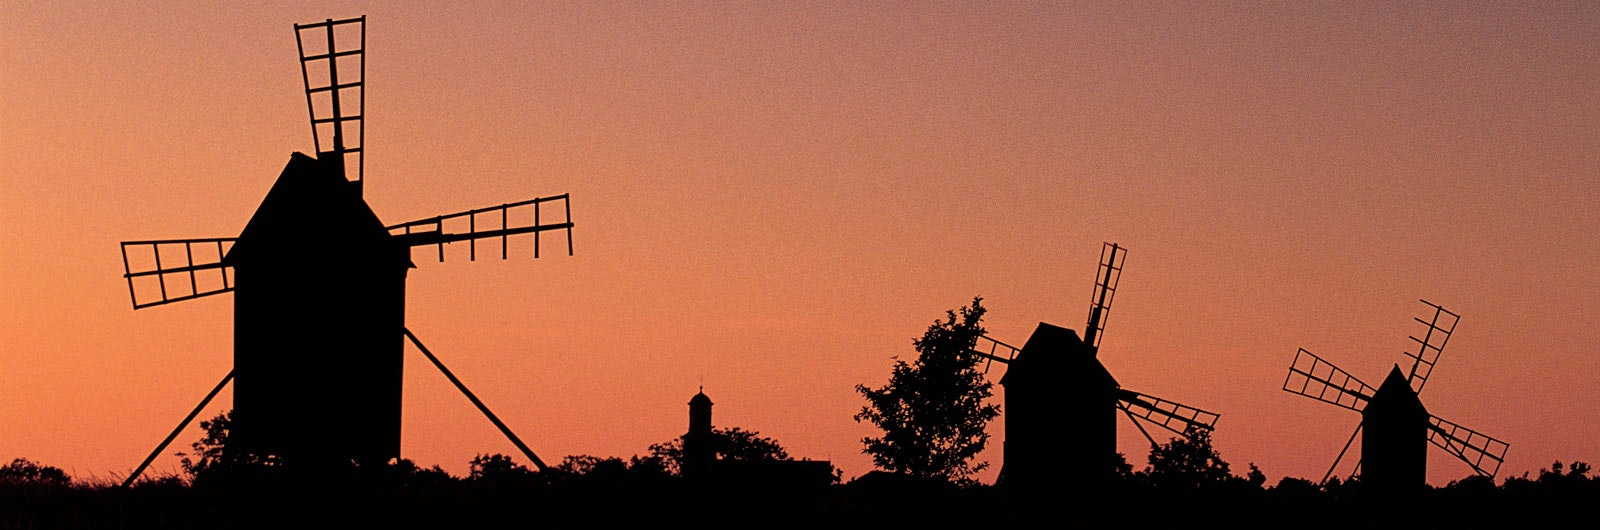 Tre väderkvarnar i solnedgång på Öland